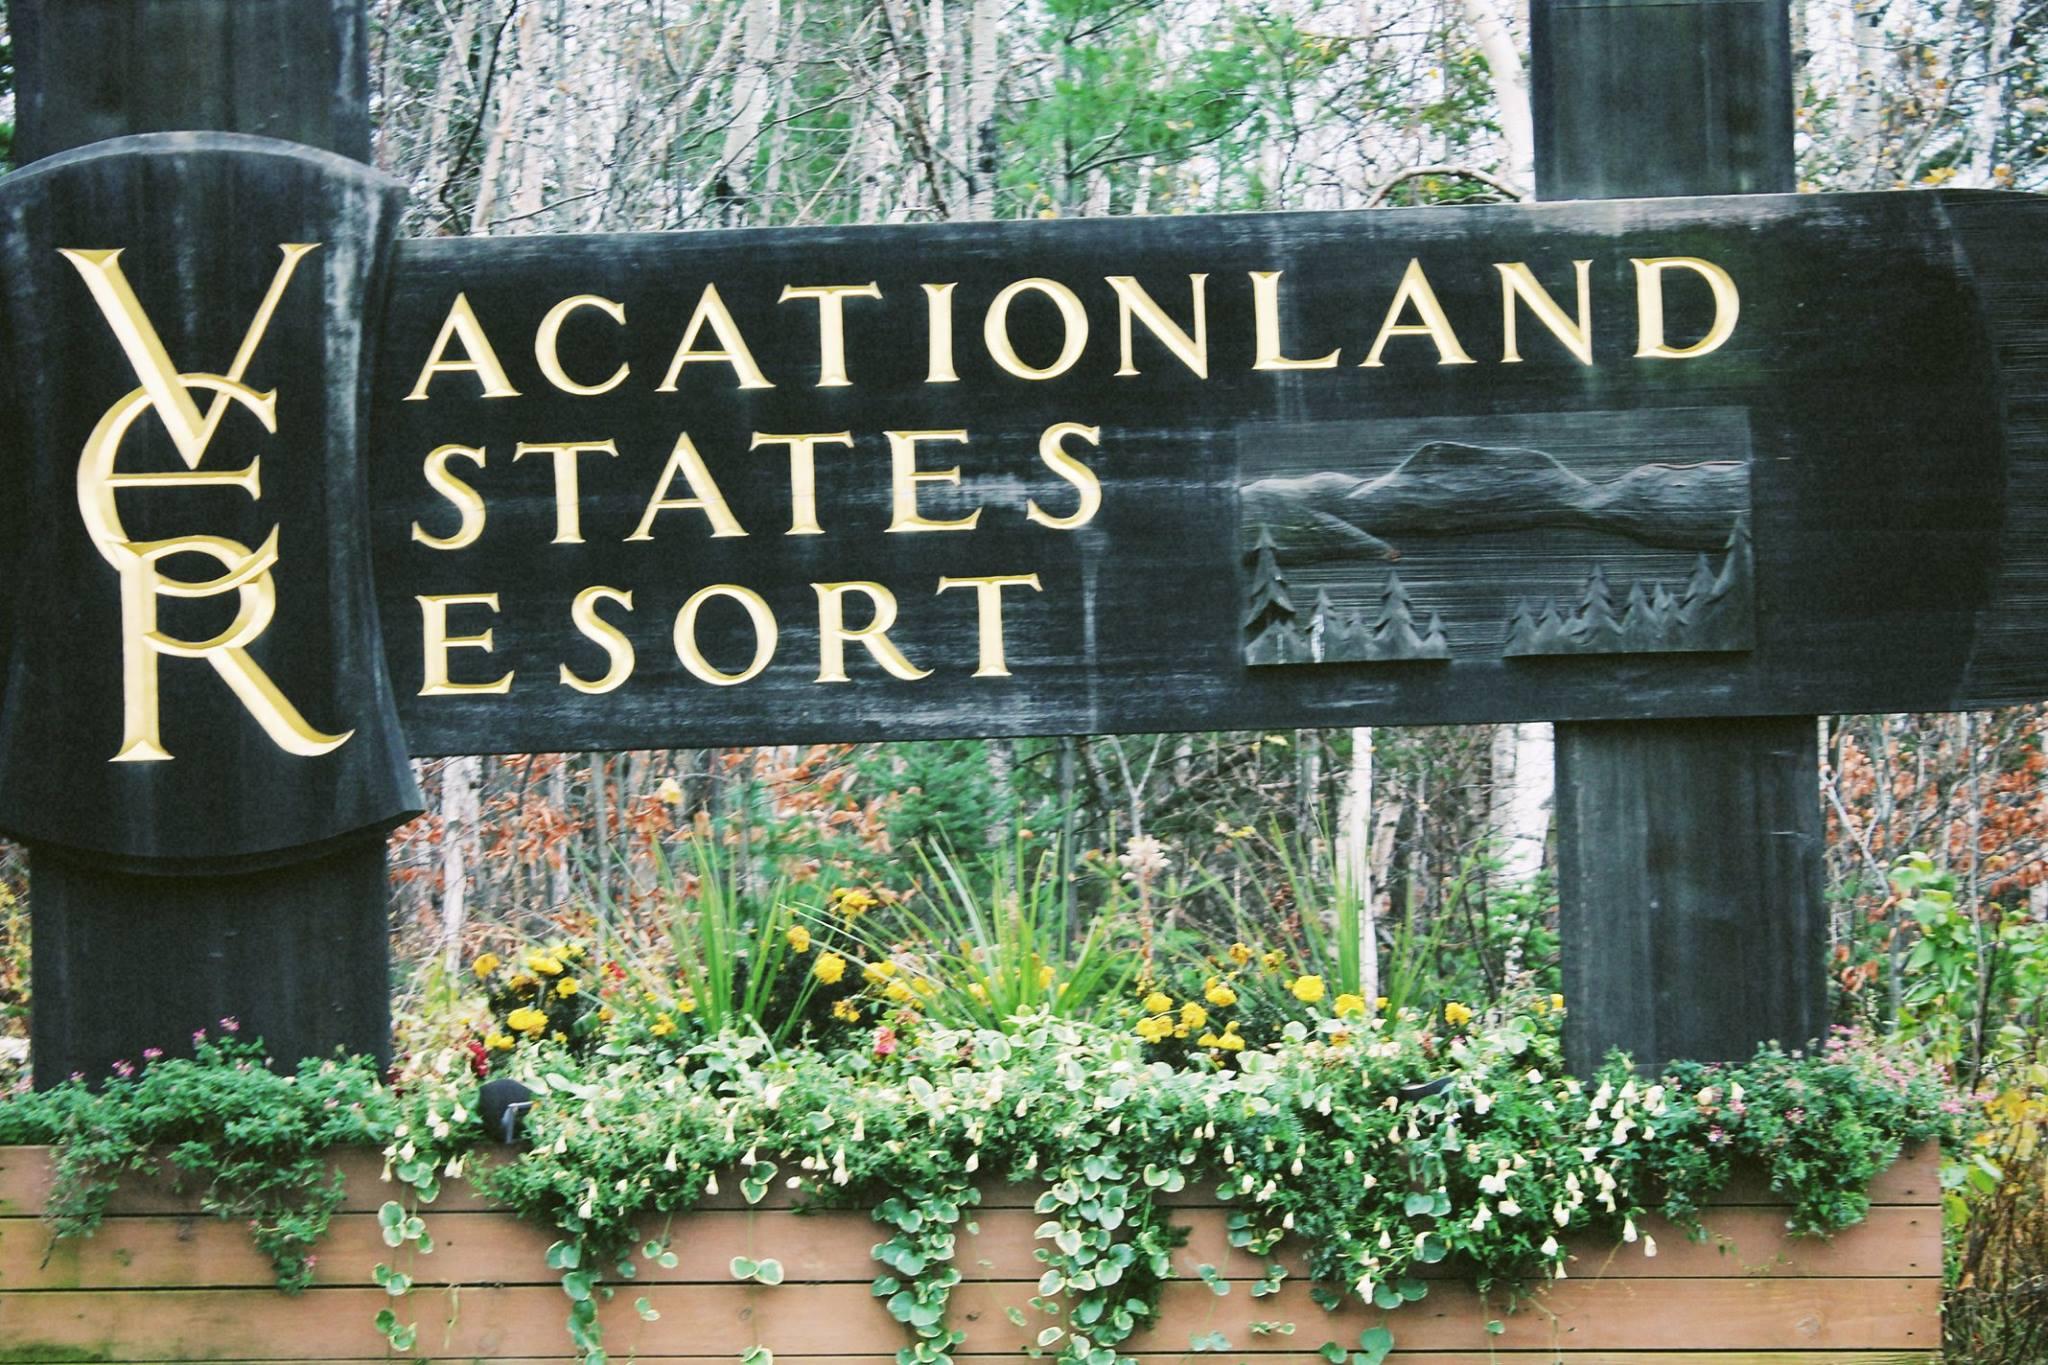 Vacationland Estates Resort